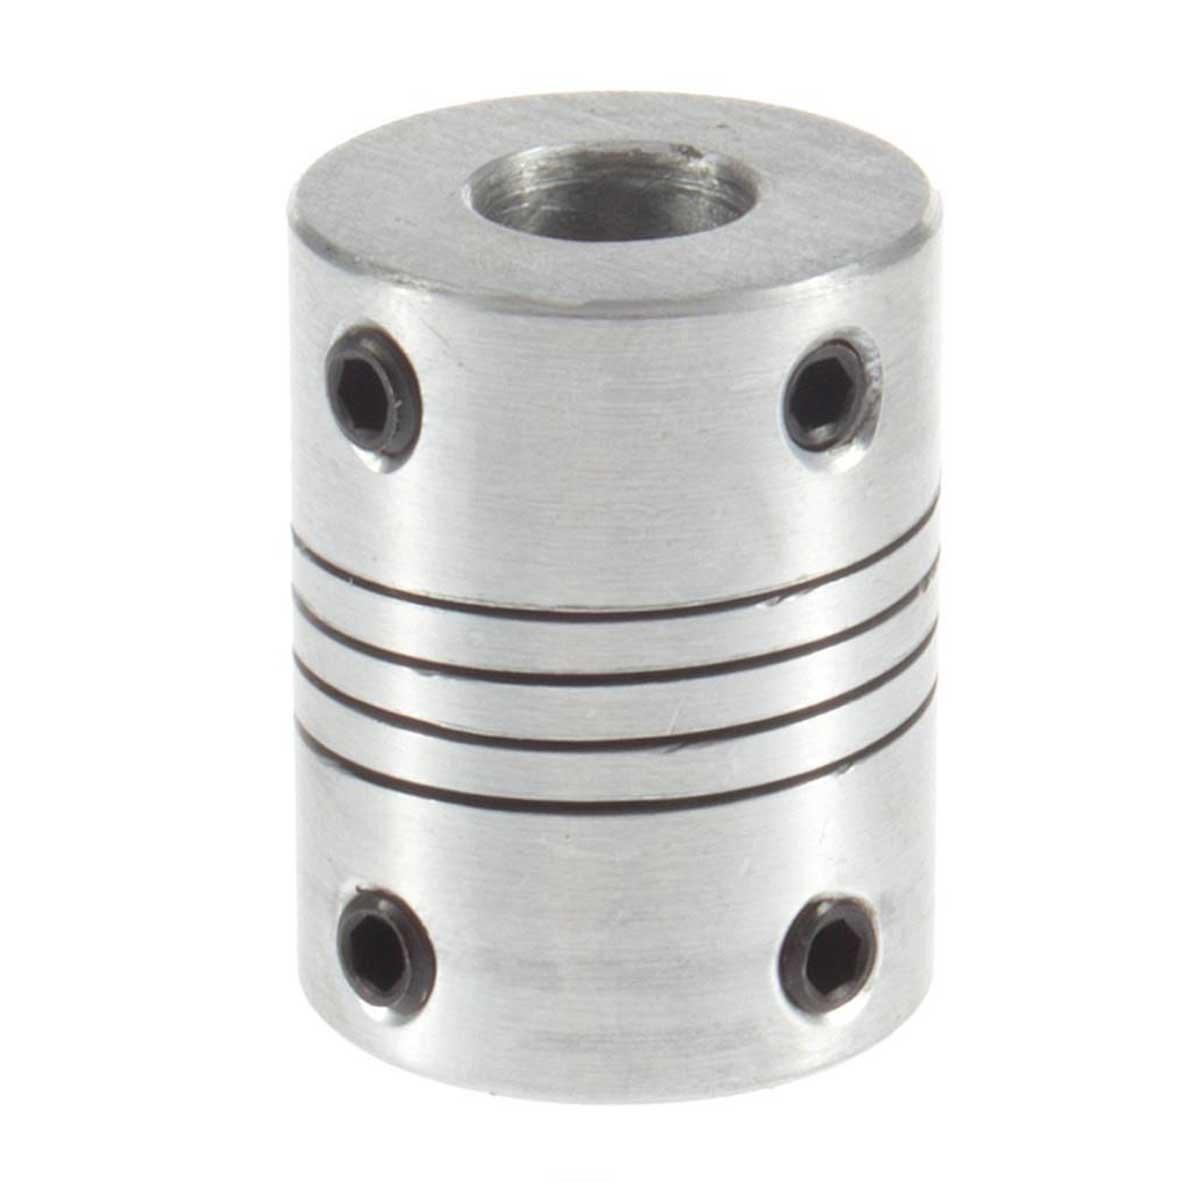 Acoplamento / Acoplador Flexível 5x8mm 19/25mm até 10 Kgf.cm Torque para CNC, Impressora 3D